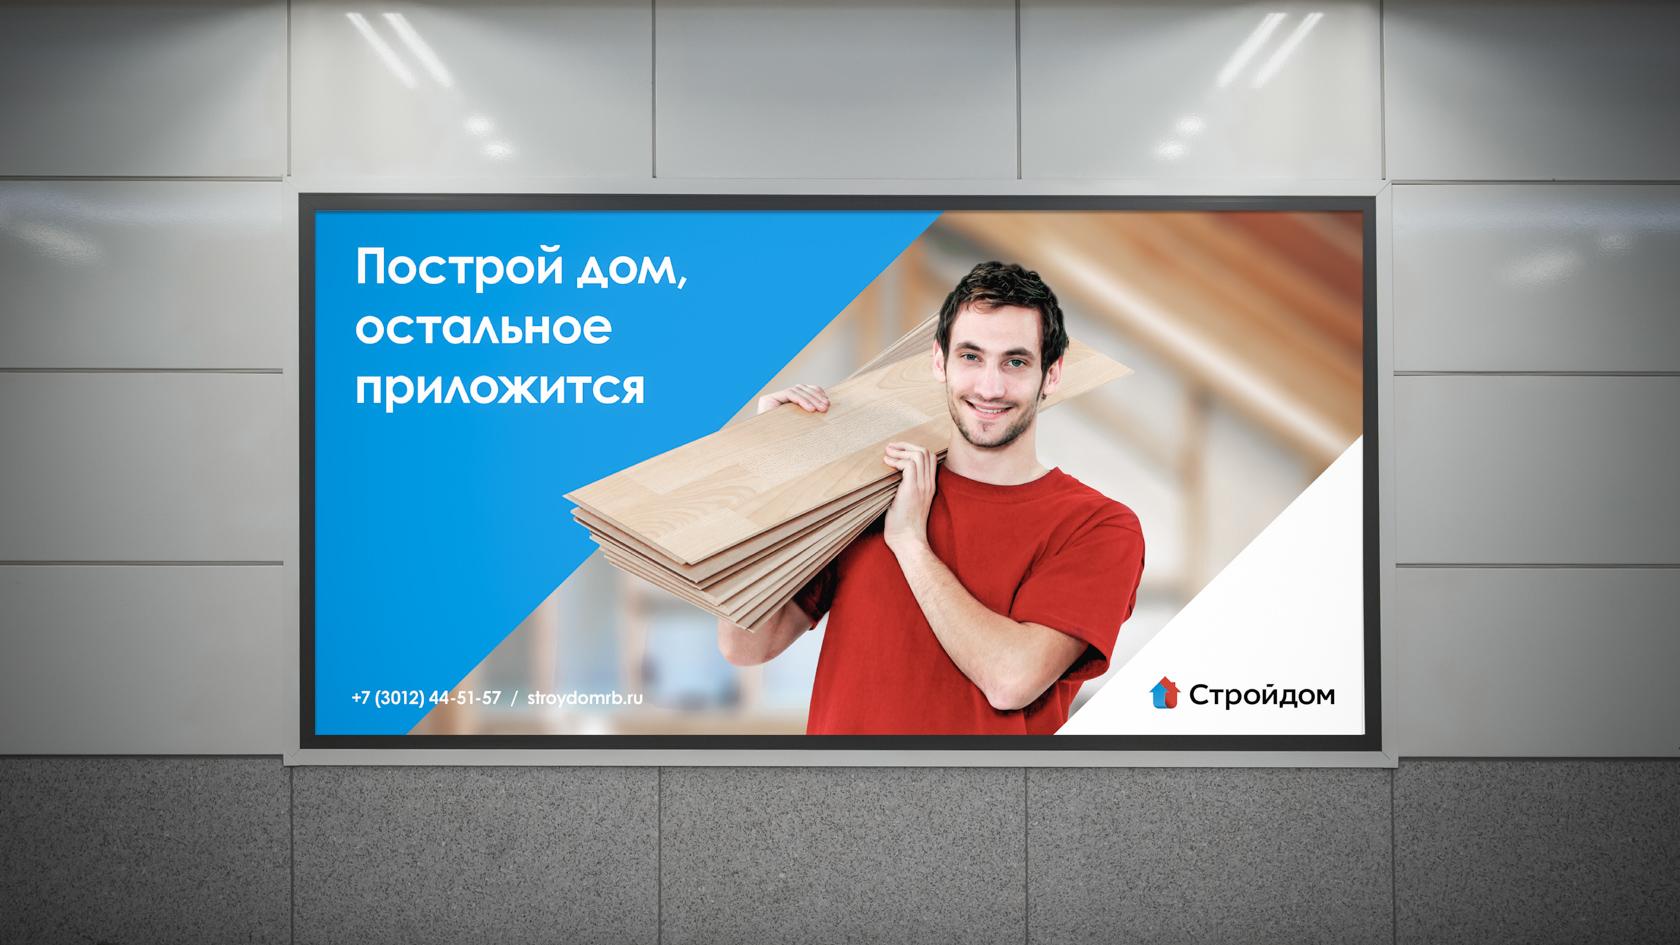 Макет наружной рекламы